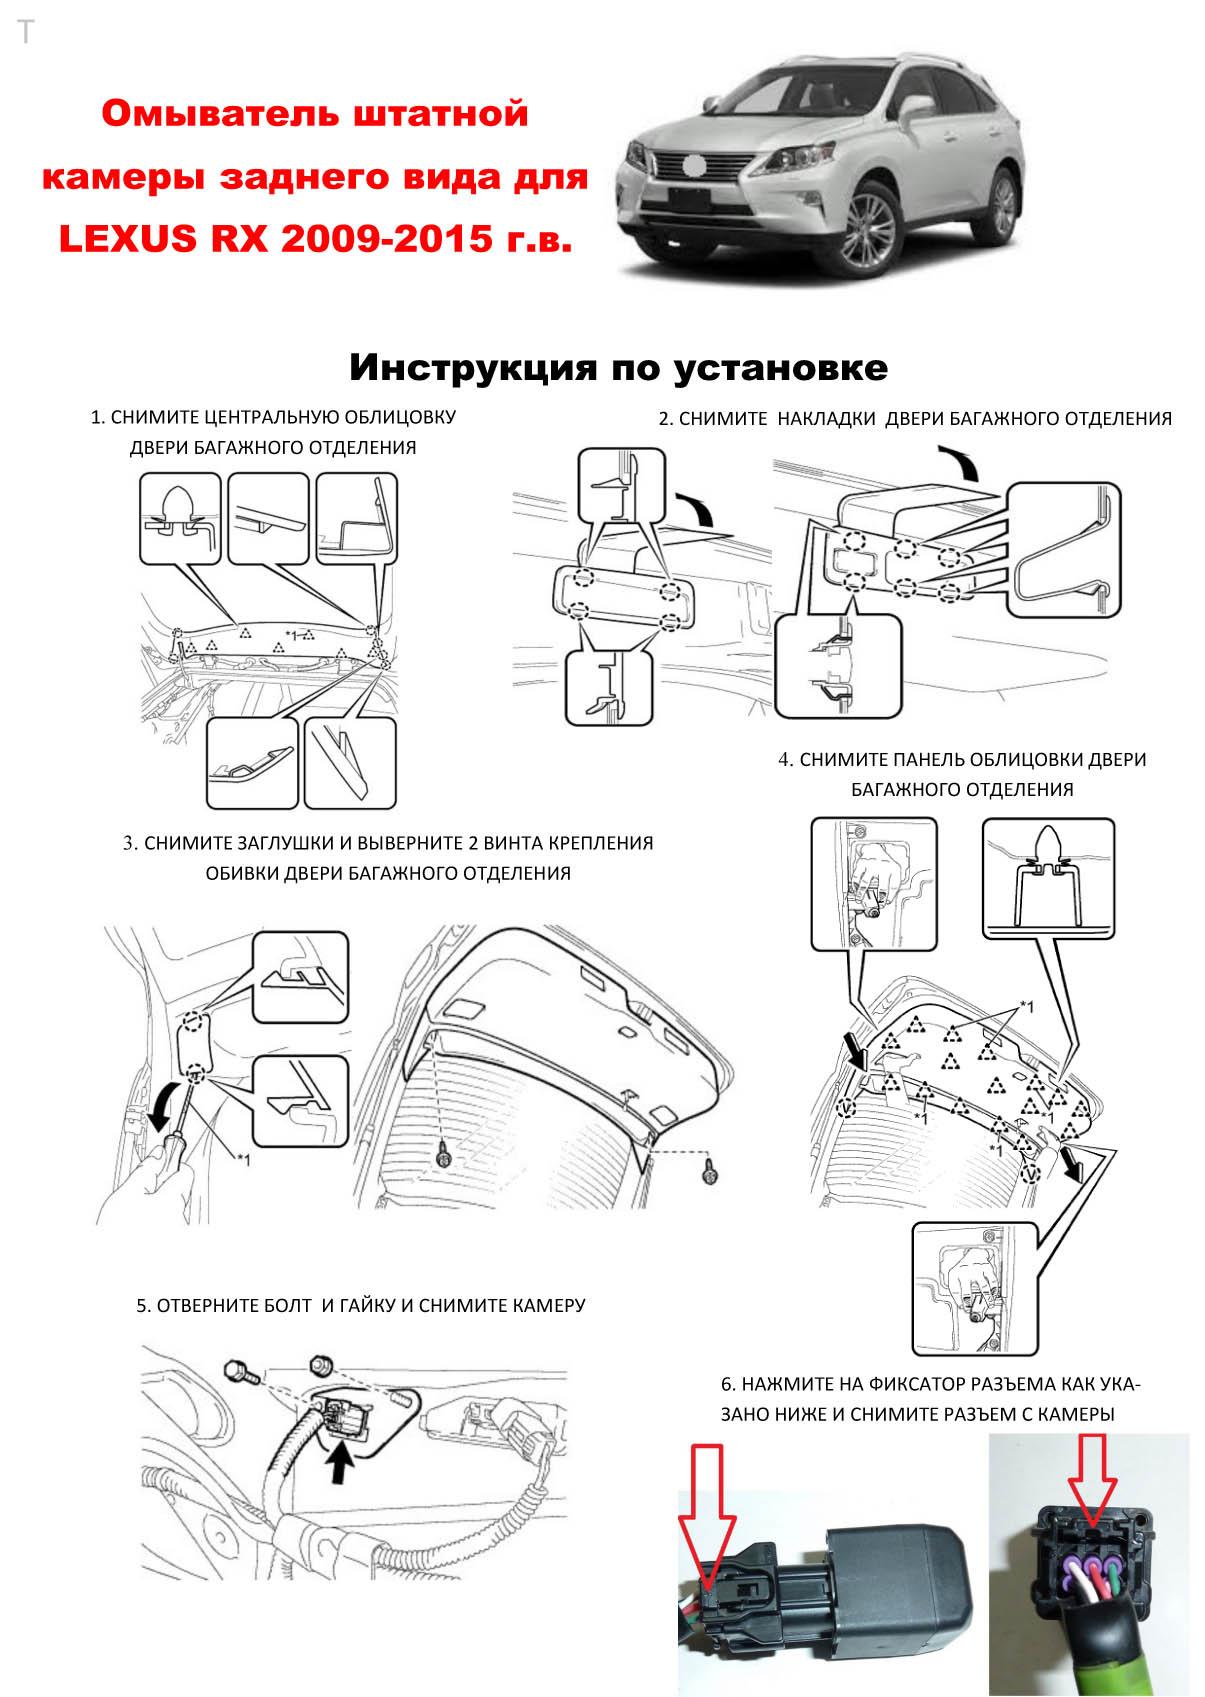 Инструкция по установке омывателя камеры заднего вида для Lexus RX